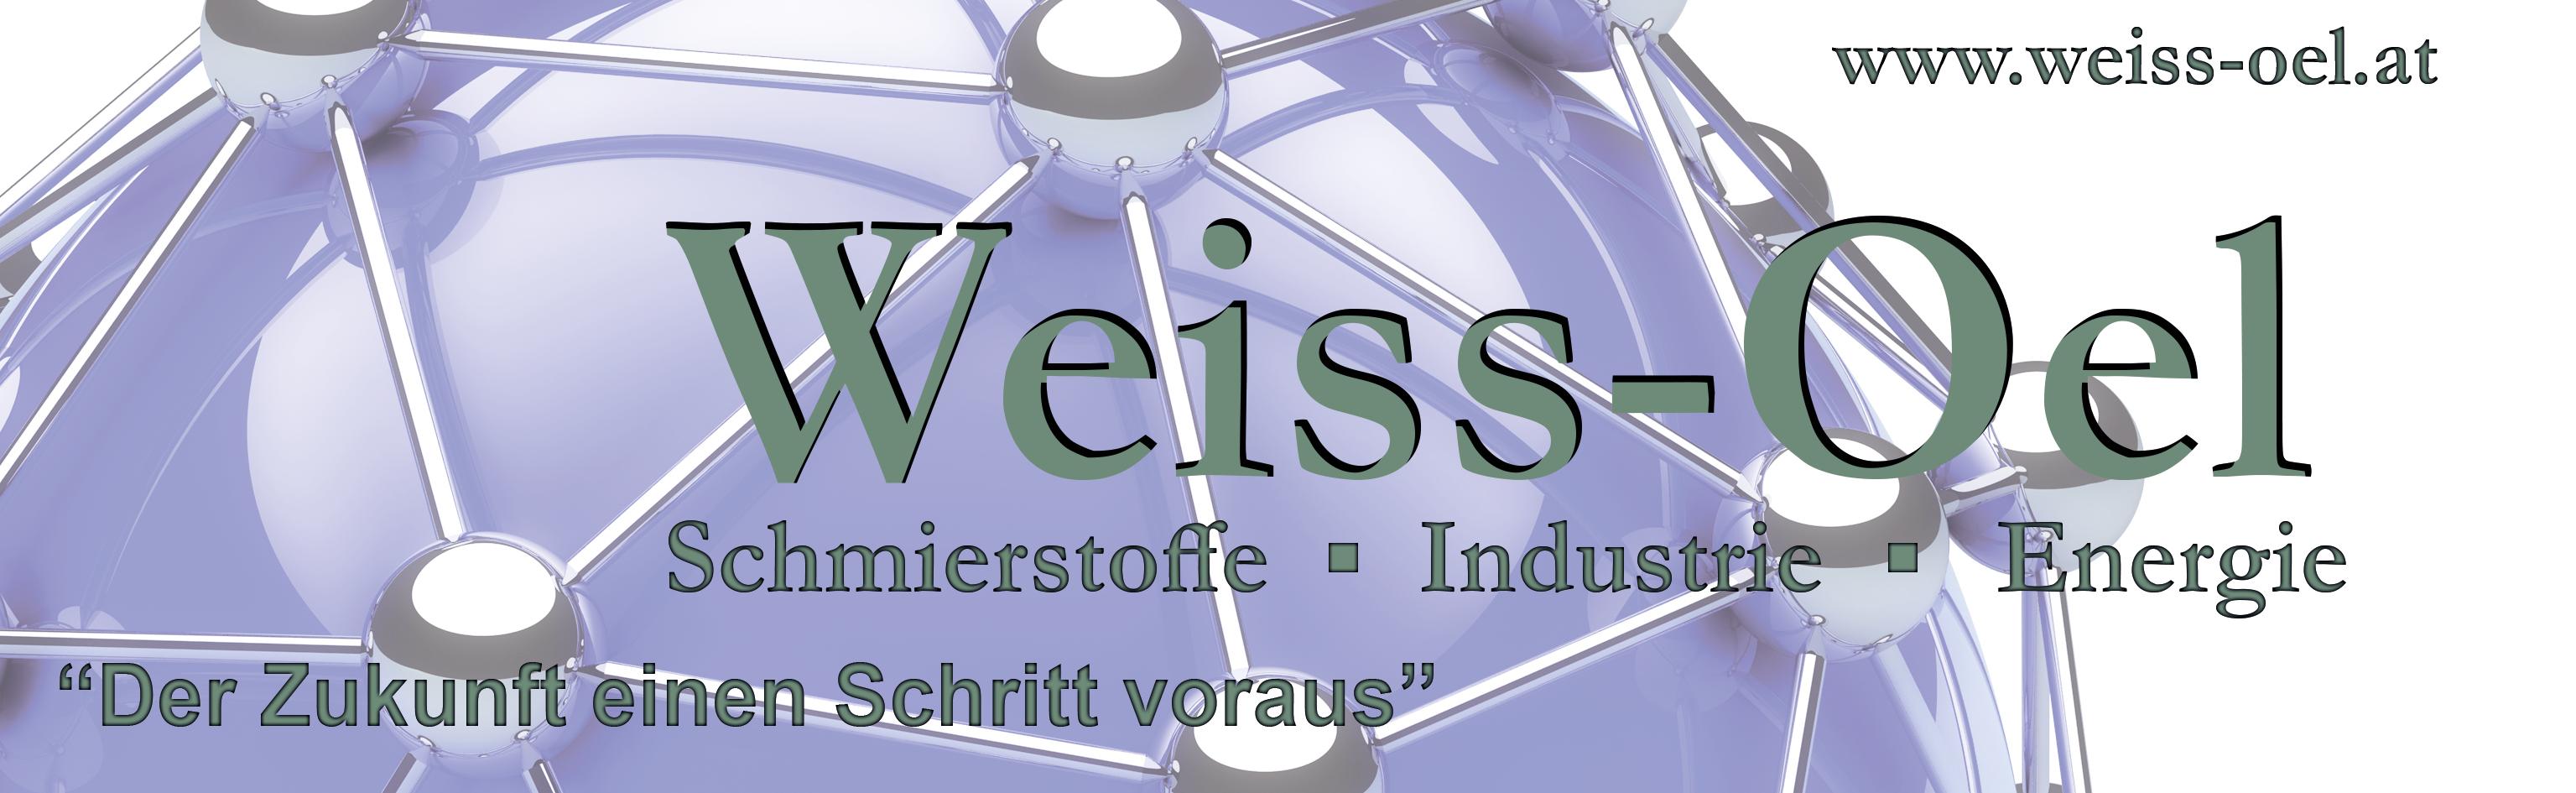 Weiss-Oel